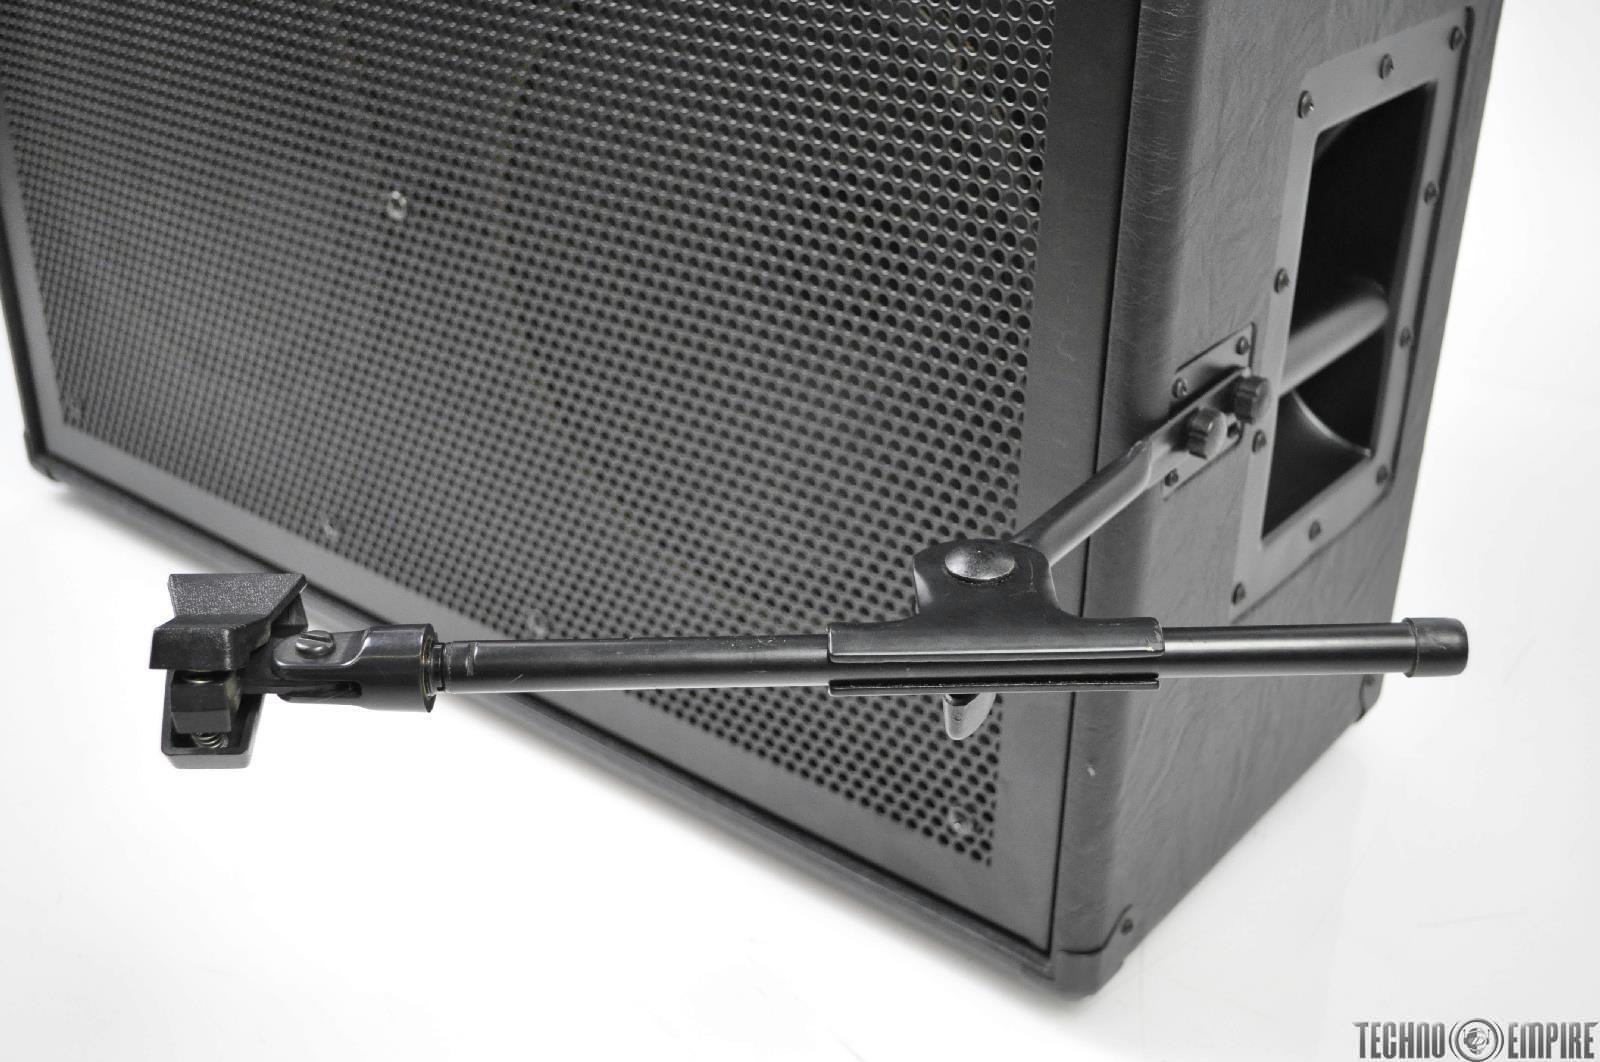 cicognani brutus live guitar tube amplifier head 2x12 speaker cabinet 16491. Black Bedroom Furniture Sets. Home Design Ideas